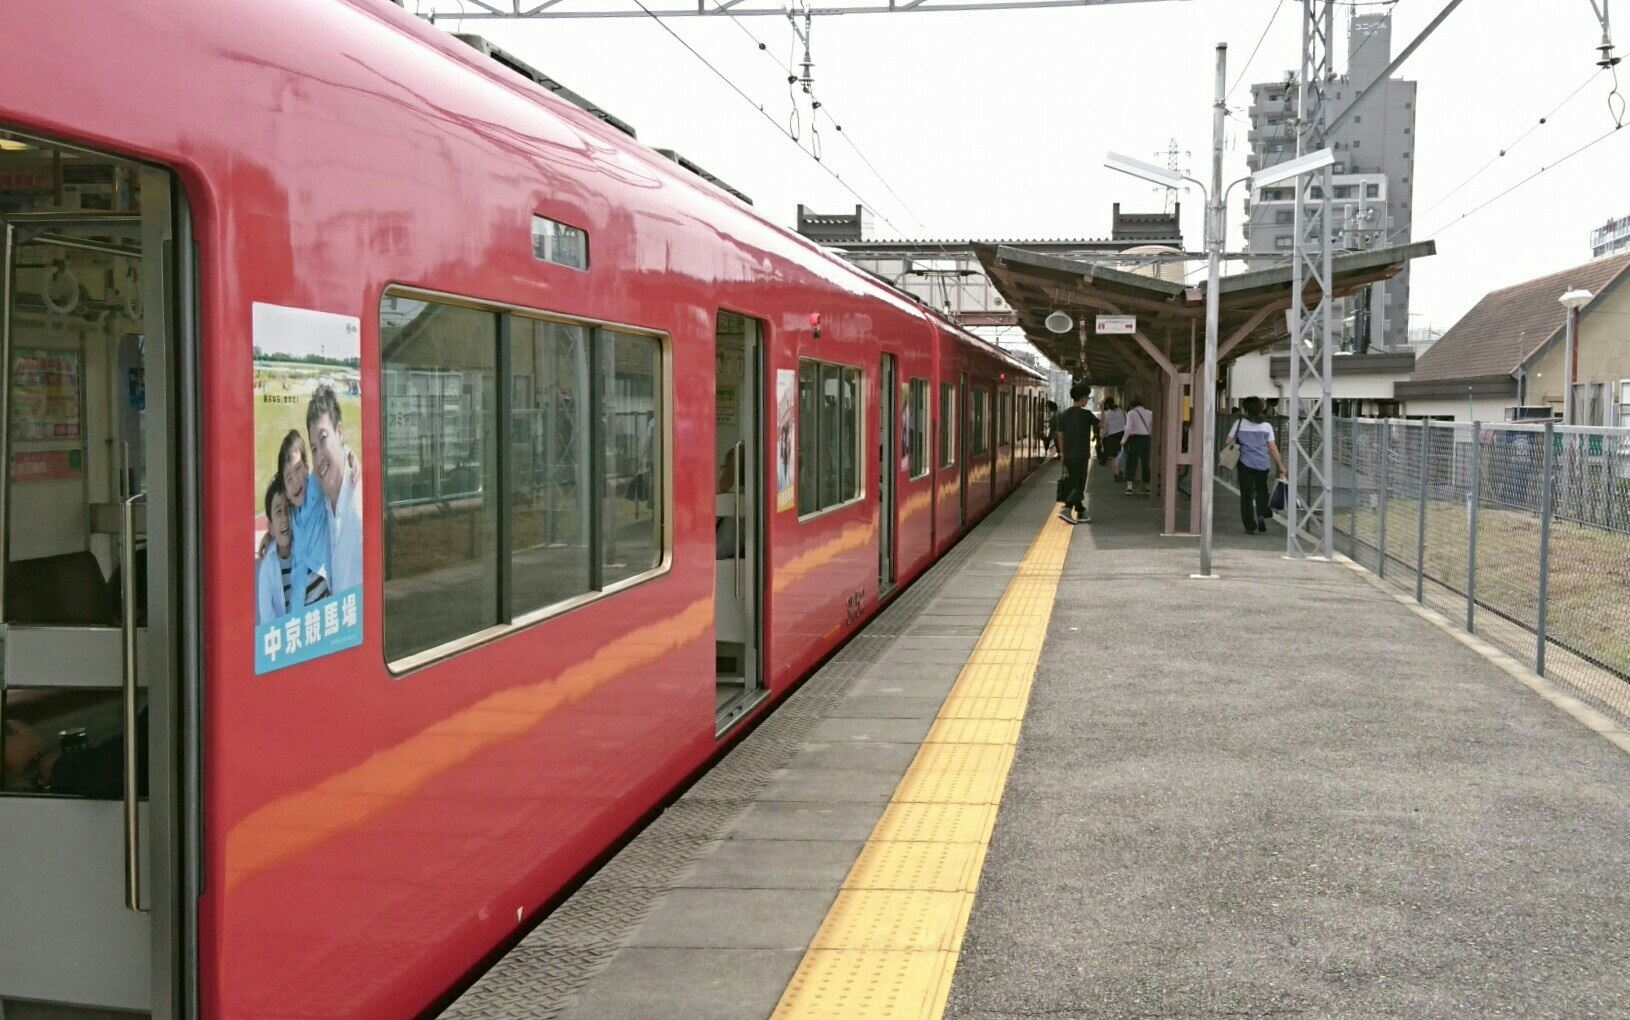 2017.7.13 名鉄 (34) 矢作橋 - 東岡崎いきふつう 1630-1020